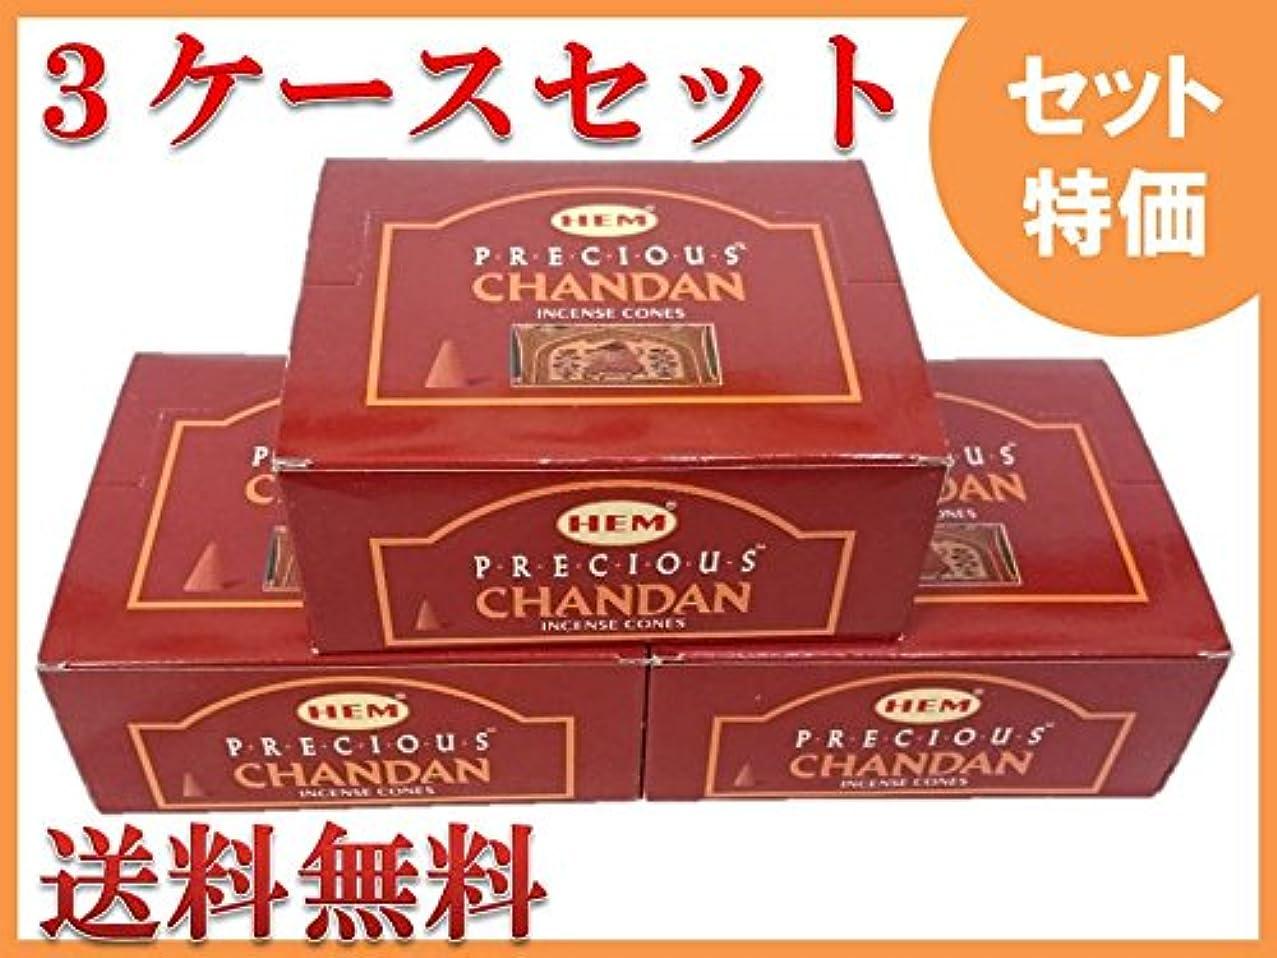 賠償病弱修士号HEM お香コーン/(12箱入り) 3ケース(36箱)セット HEMチャンダン